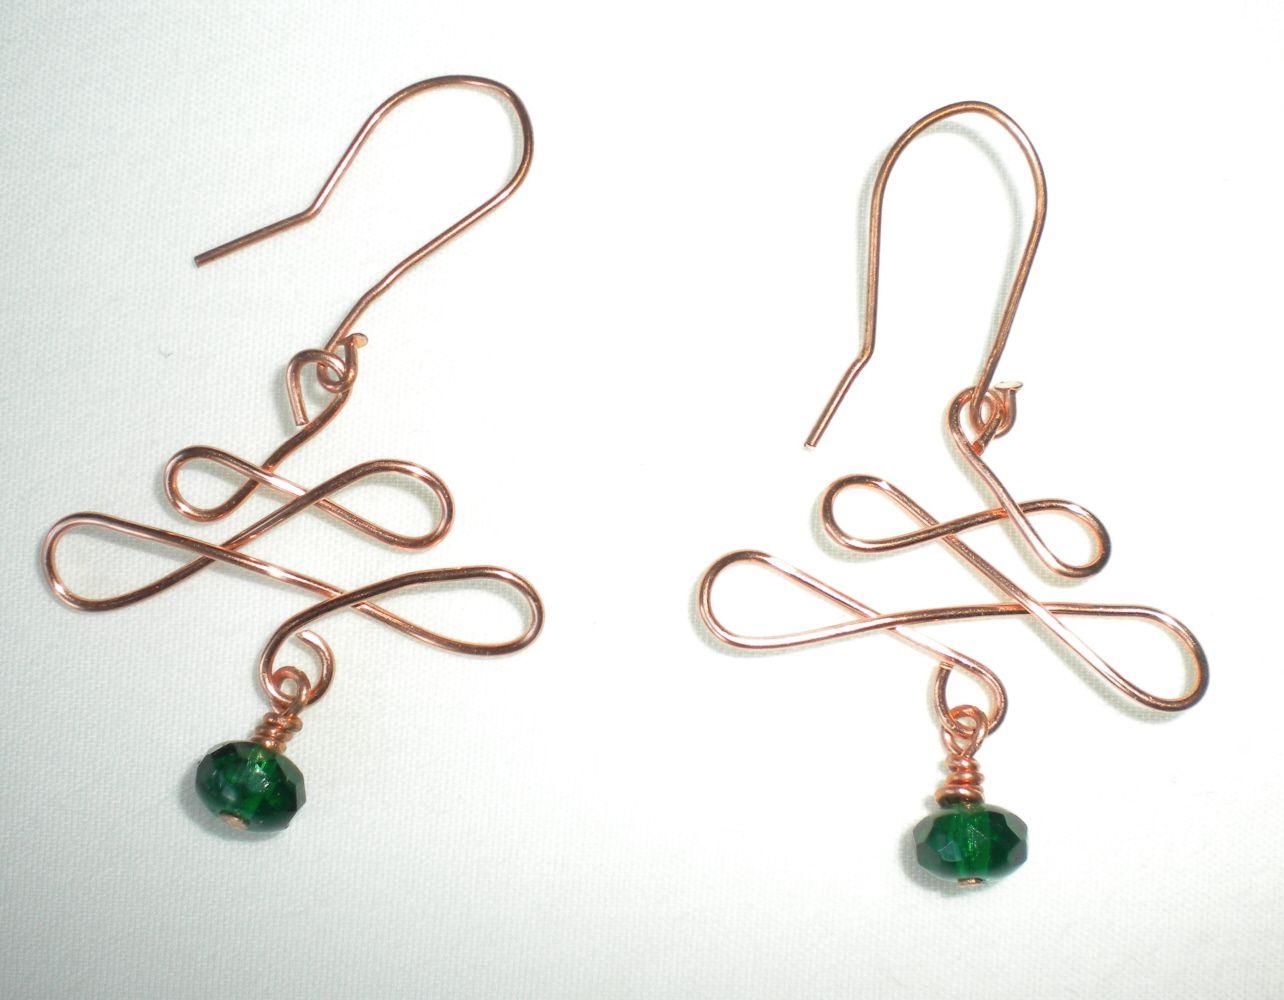 tree earrings | ALL WIRED UP NECKS | Pinterest | Jewelry ideas ...